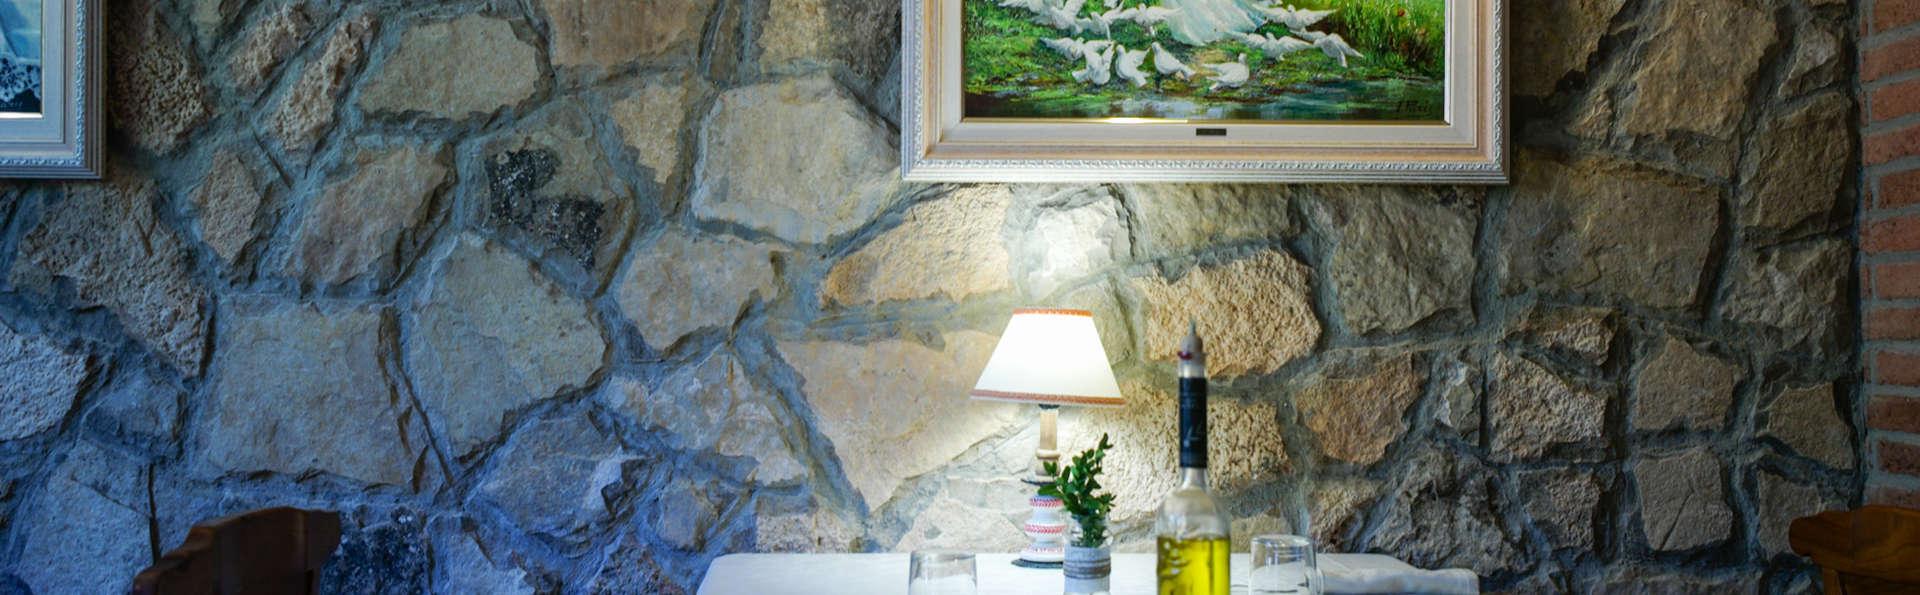 Hotel Restaurant Can Boix De Peramola - edit_L1007671.jpg